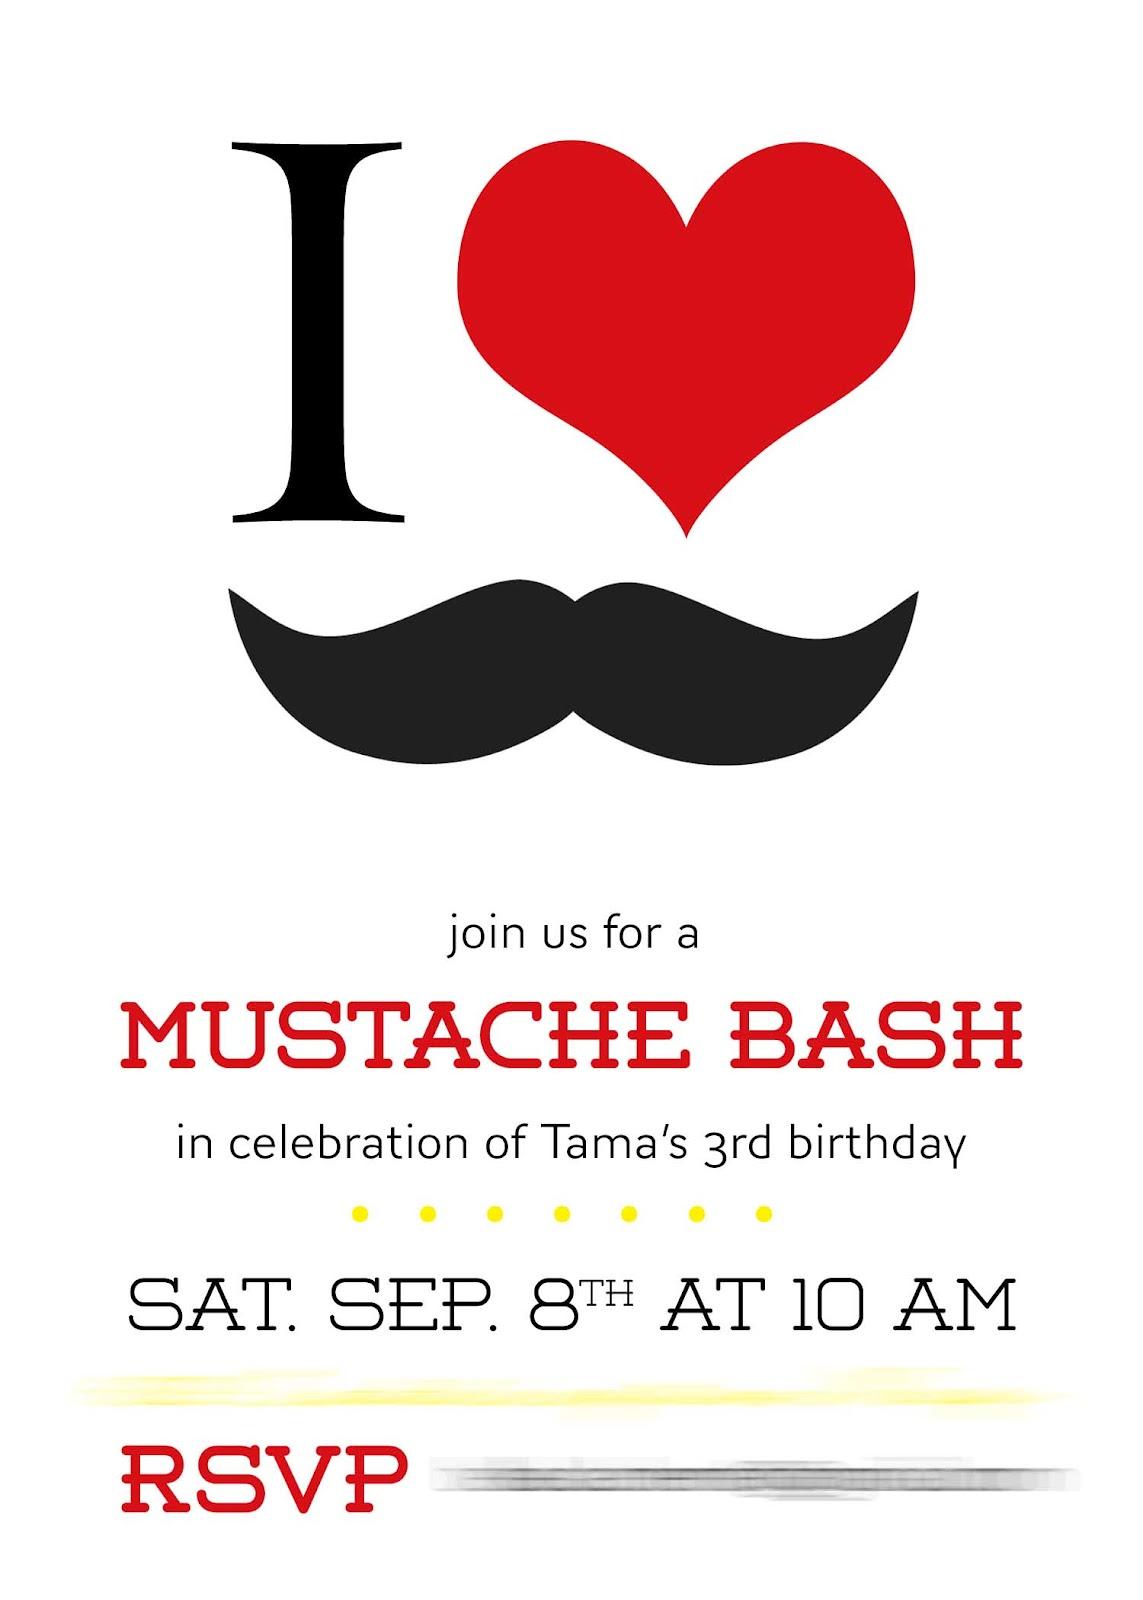 Paixão Designs: Mustache Bash